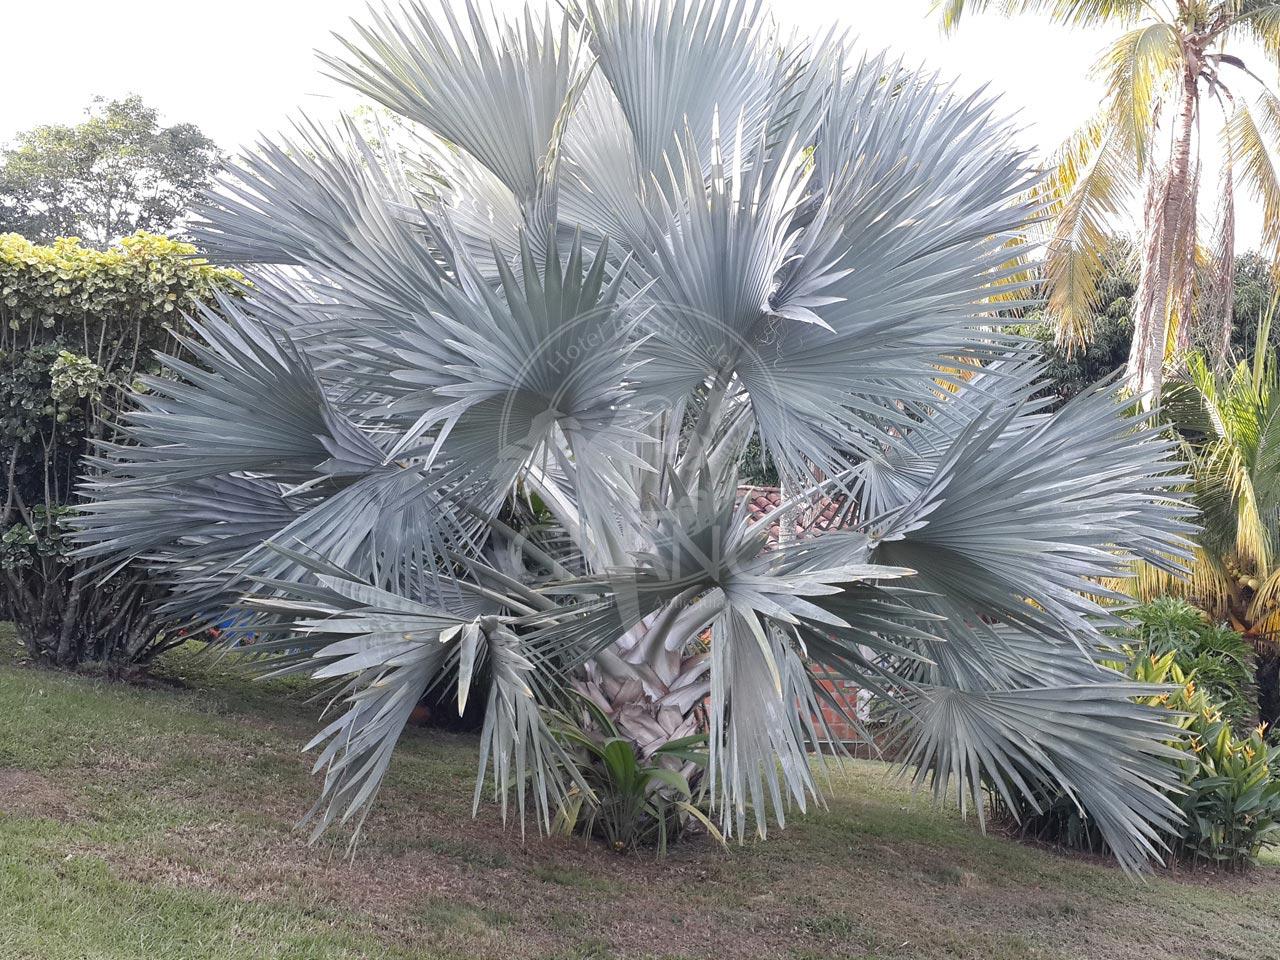 abundantes-jardines-y-sonidos-naturales-se-mezclan-con-la-brisa-y-envuelven-tus-sentidos-Hotel-Restaurante-Parador-del-Gitano-002